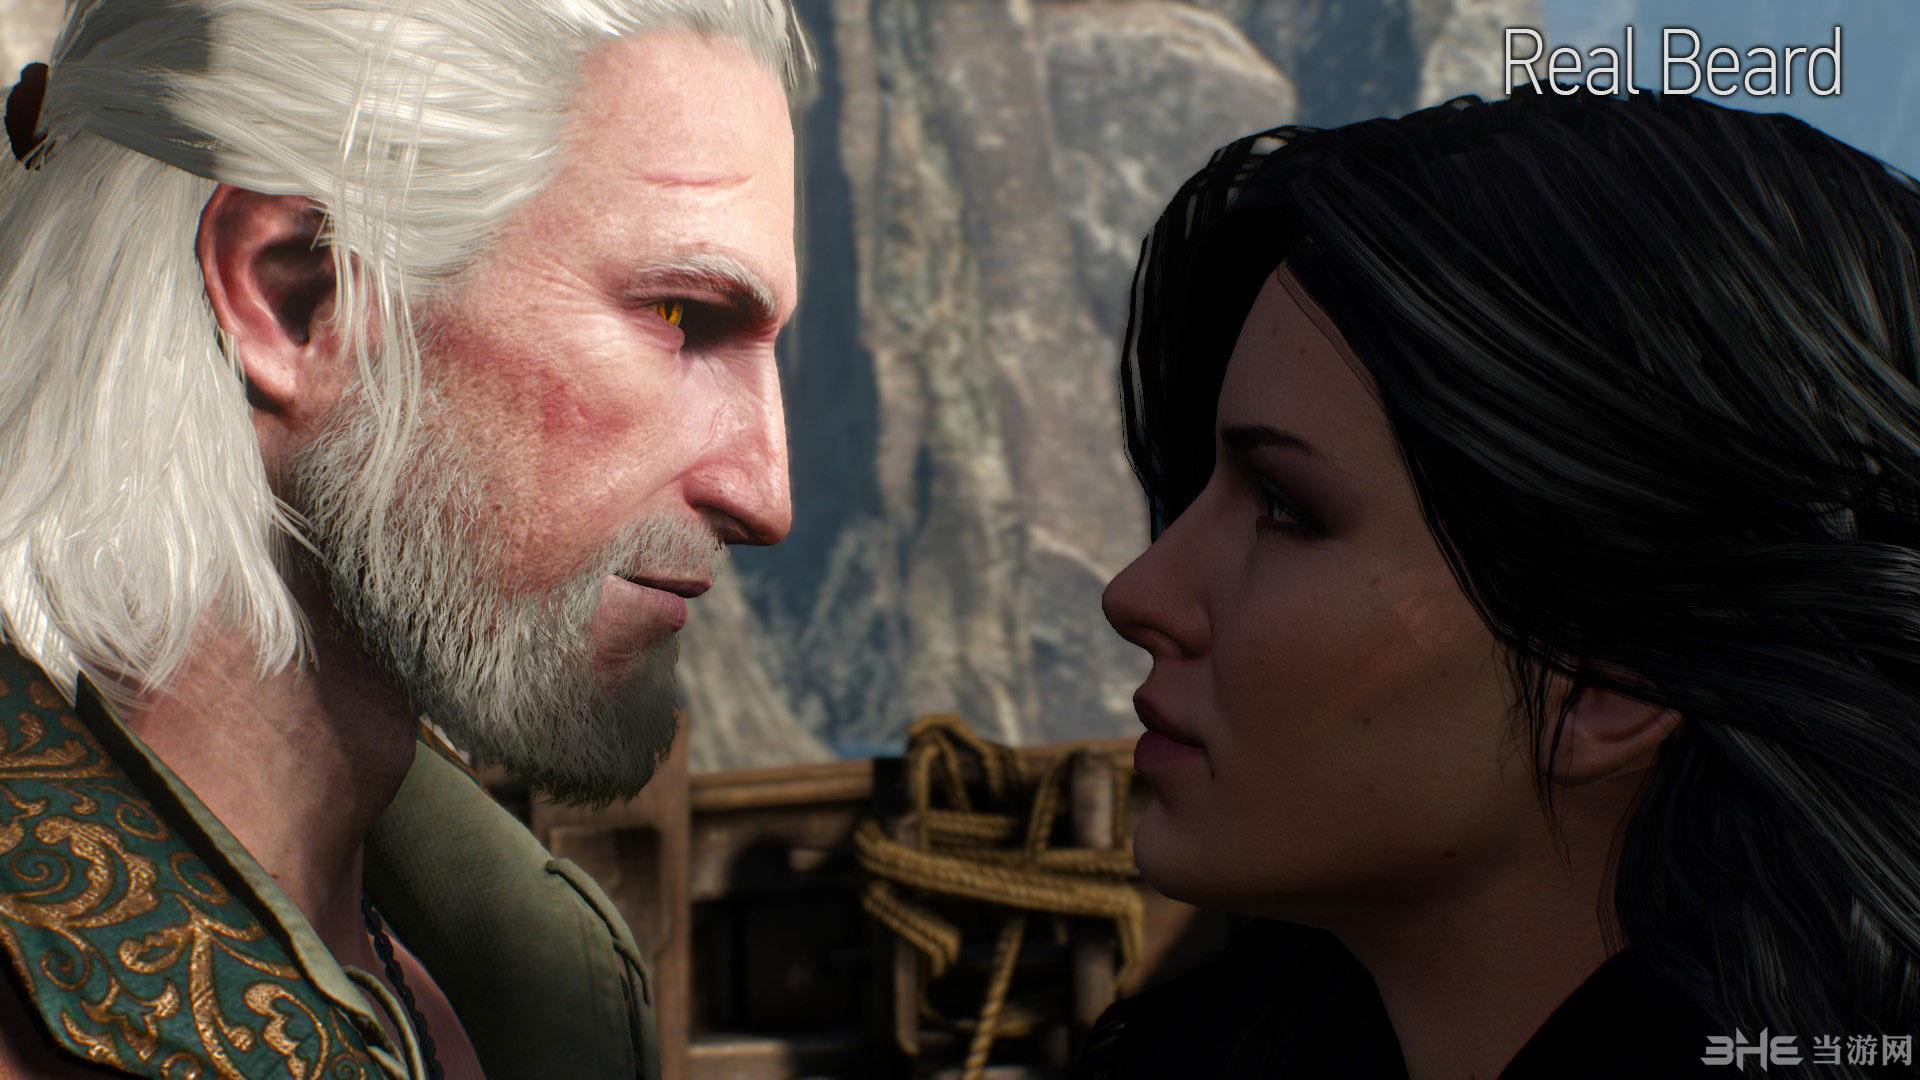 巫师3:狂猎主角杰洛特改变头发颜色MOD截图5